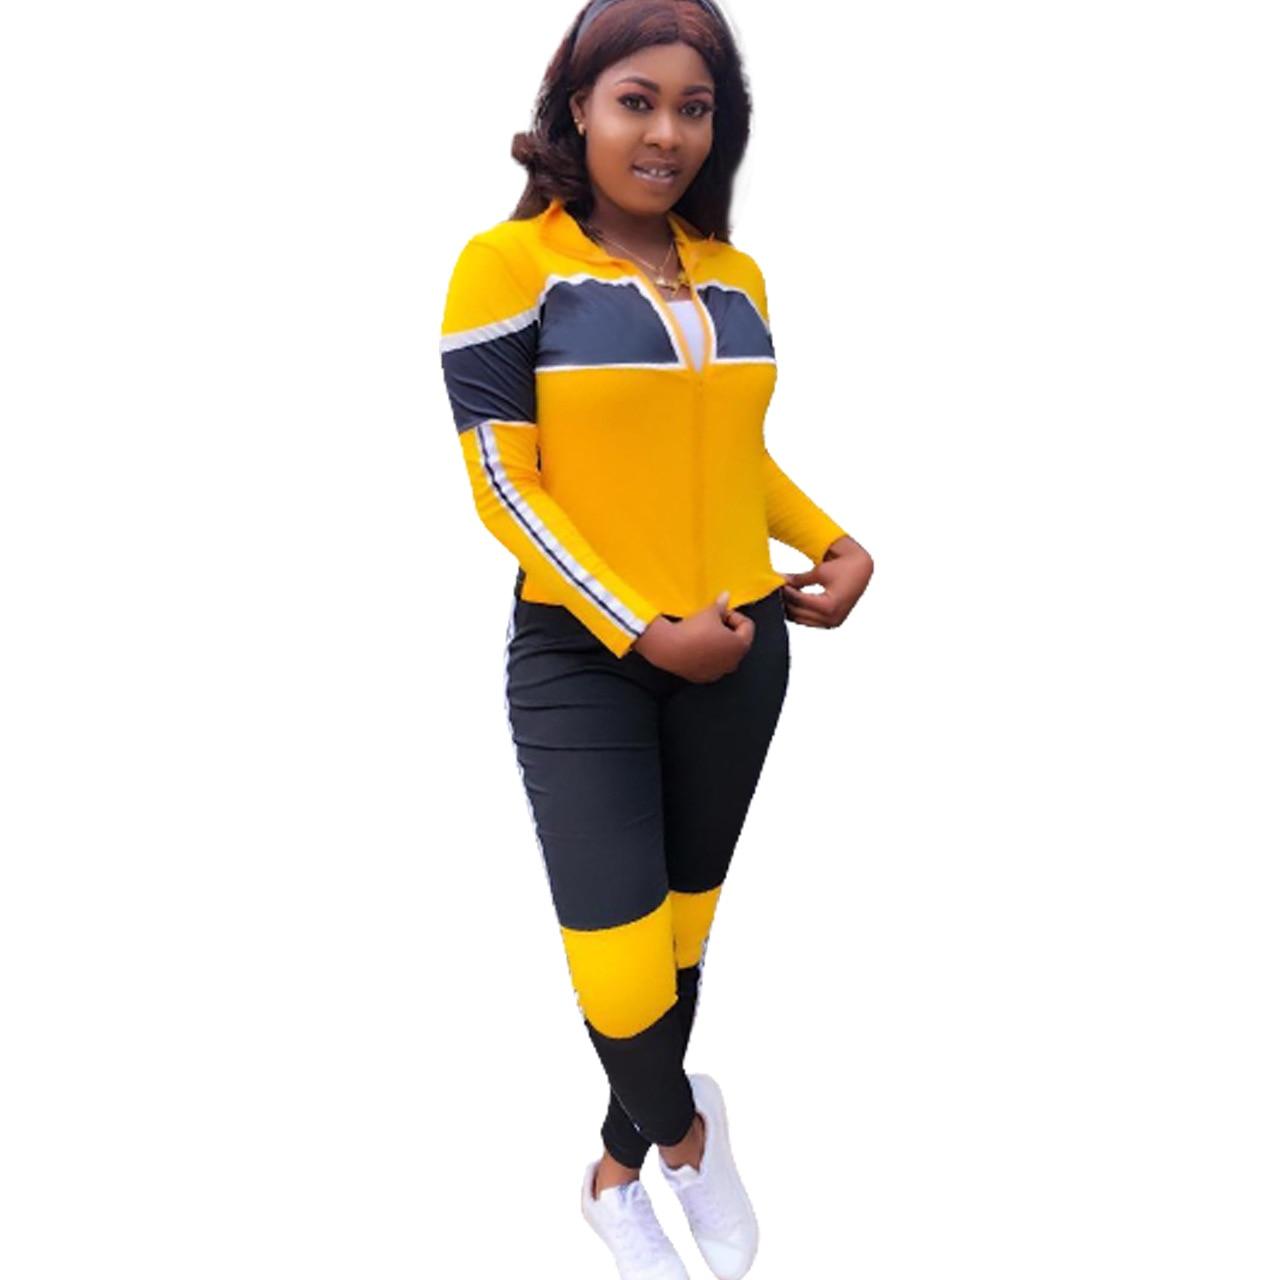 Y8038 Vestes Sportives Ensemble 2019 2 Jaune Pcs Pantalon Longs Outfit Mode Survêtement Salopette Patchwork Nouveau De Femmes Hiver Leggings wpp0t